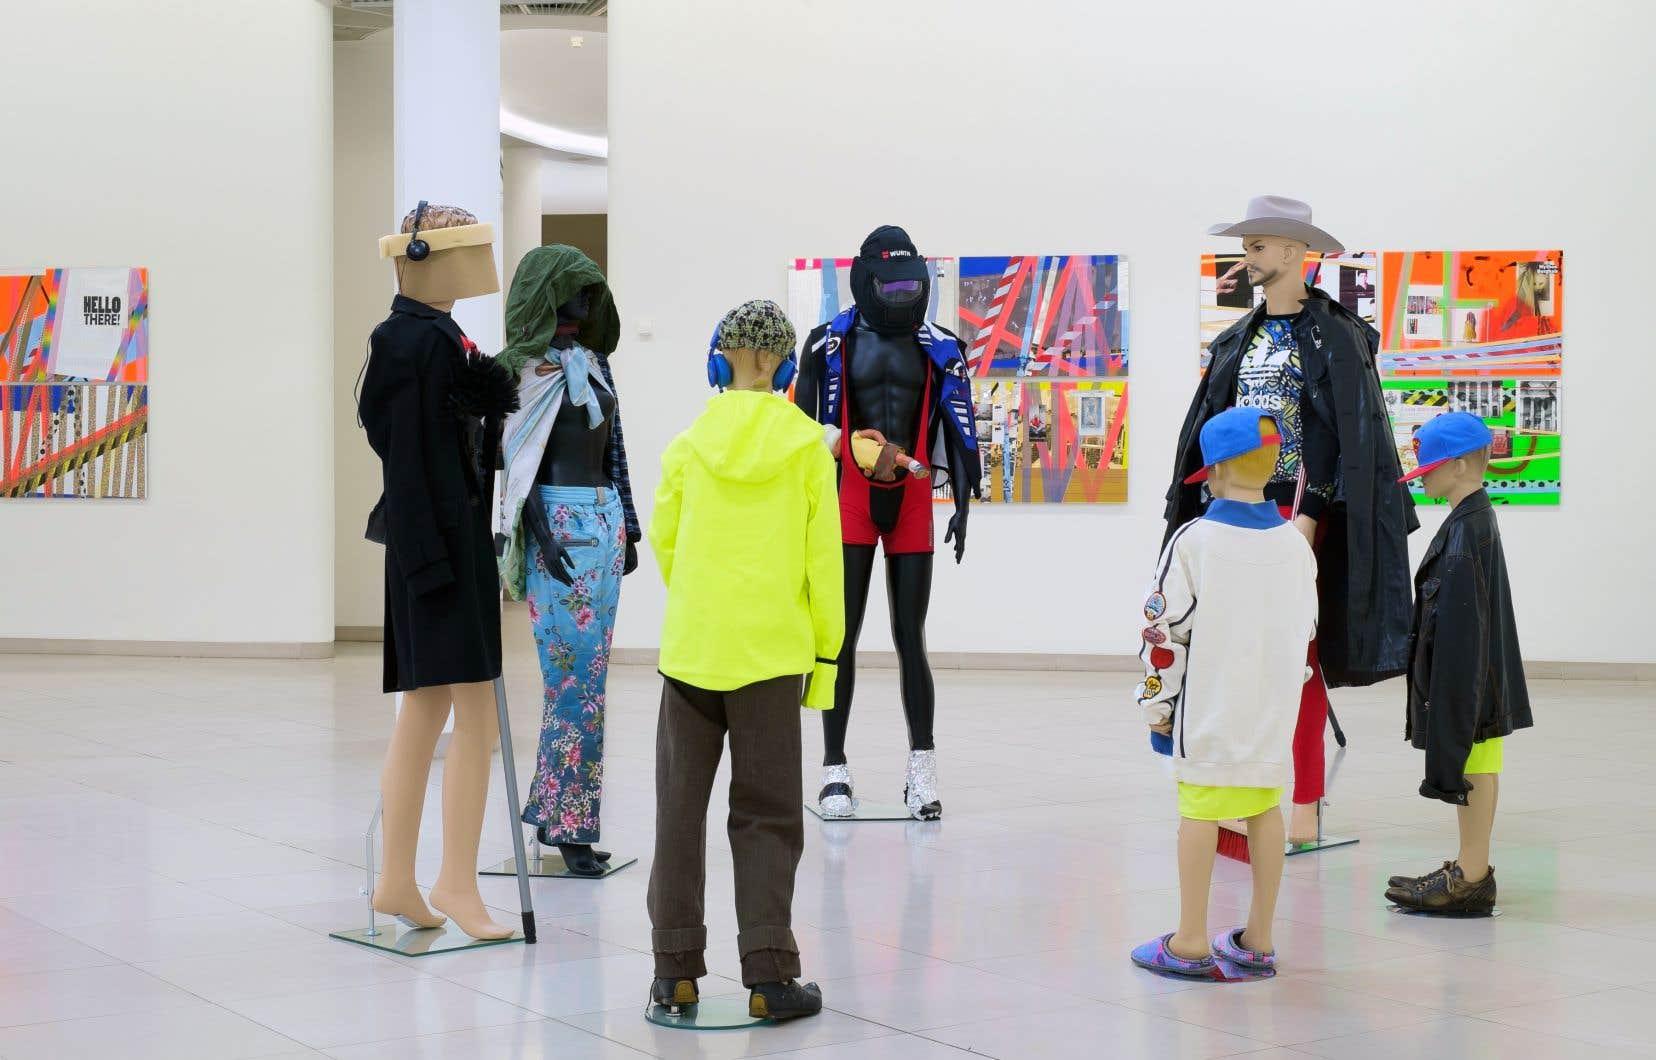 La Berlinoise Isa Genzken est l'une des figures internationales qui ont participé à l'évènement d'art visuel.